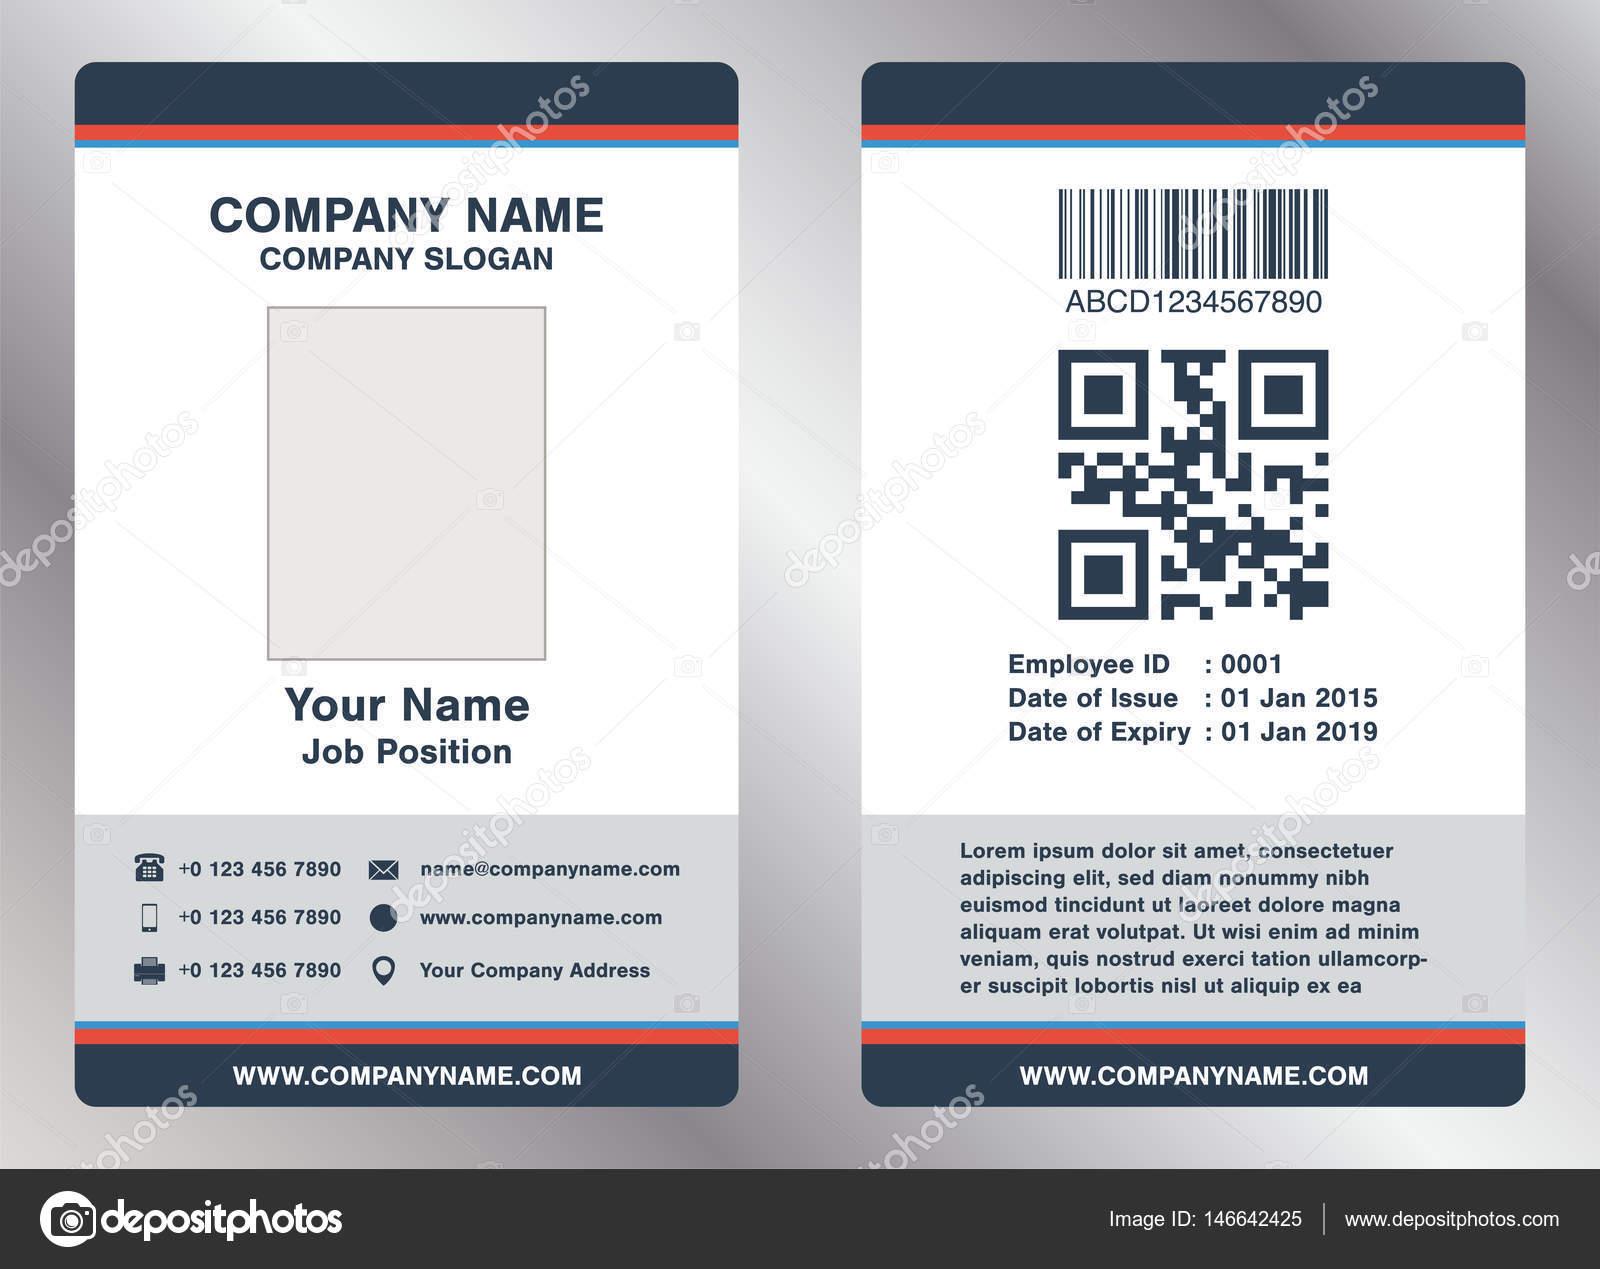 einfache mitarbeiter business name karte vorlage vektor stockvektor siiixth 146642425